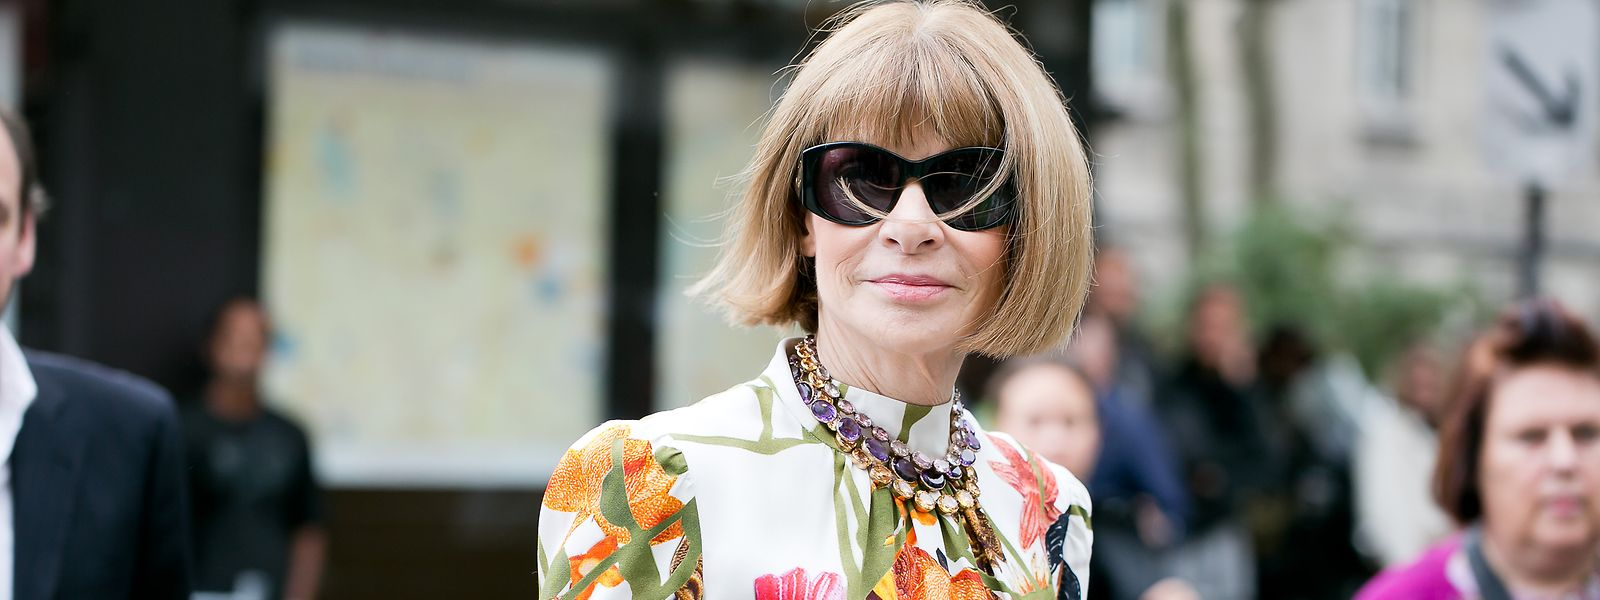 Ihr Urteil fürchten sogar die ganz Großen der Modeszene: Anna Wintour verhalf bereits einigen Designern, darunter Michael Kors und Marc Jacobs, zum Erfolg.